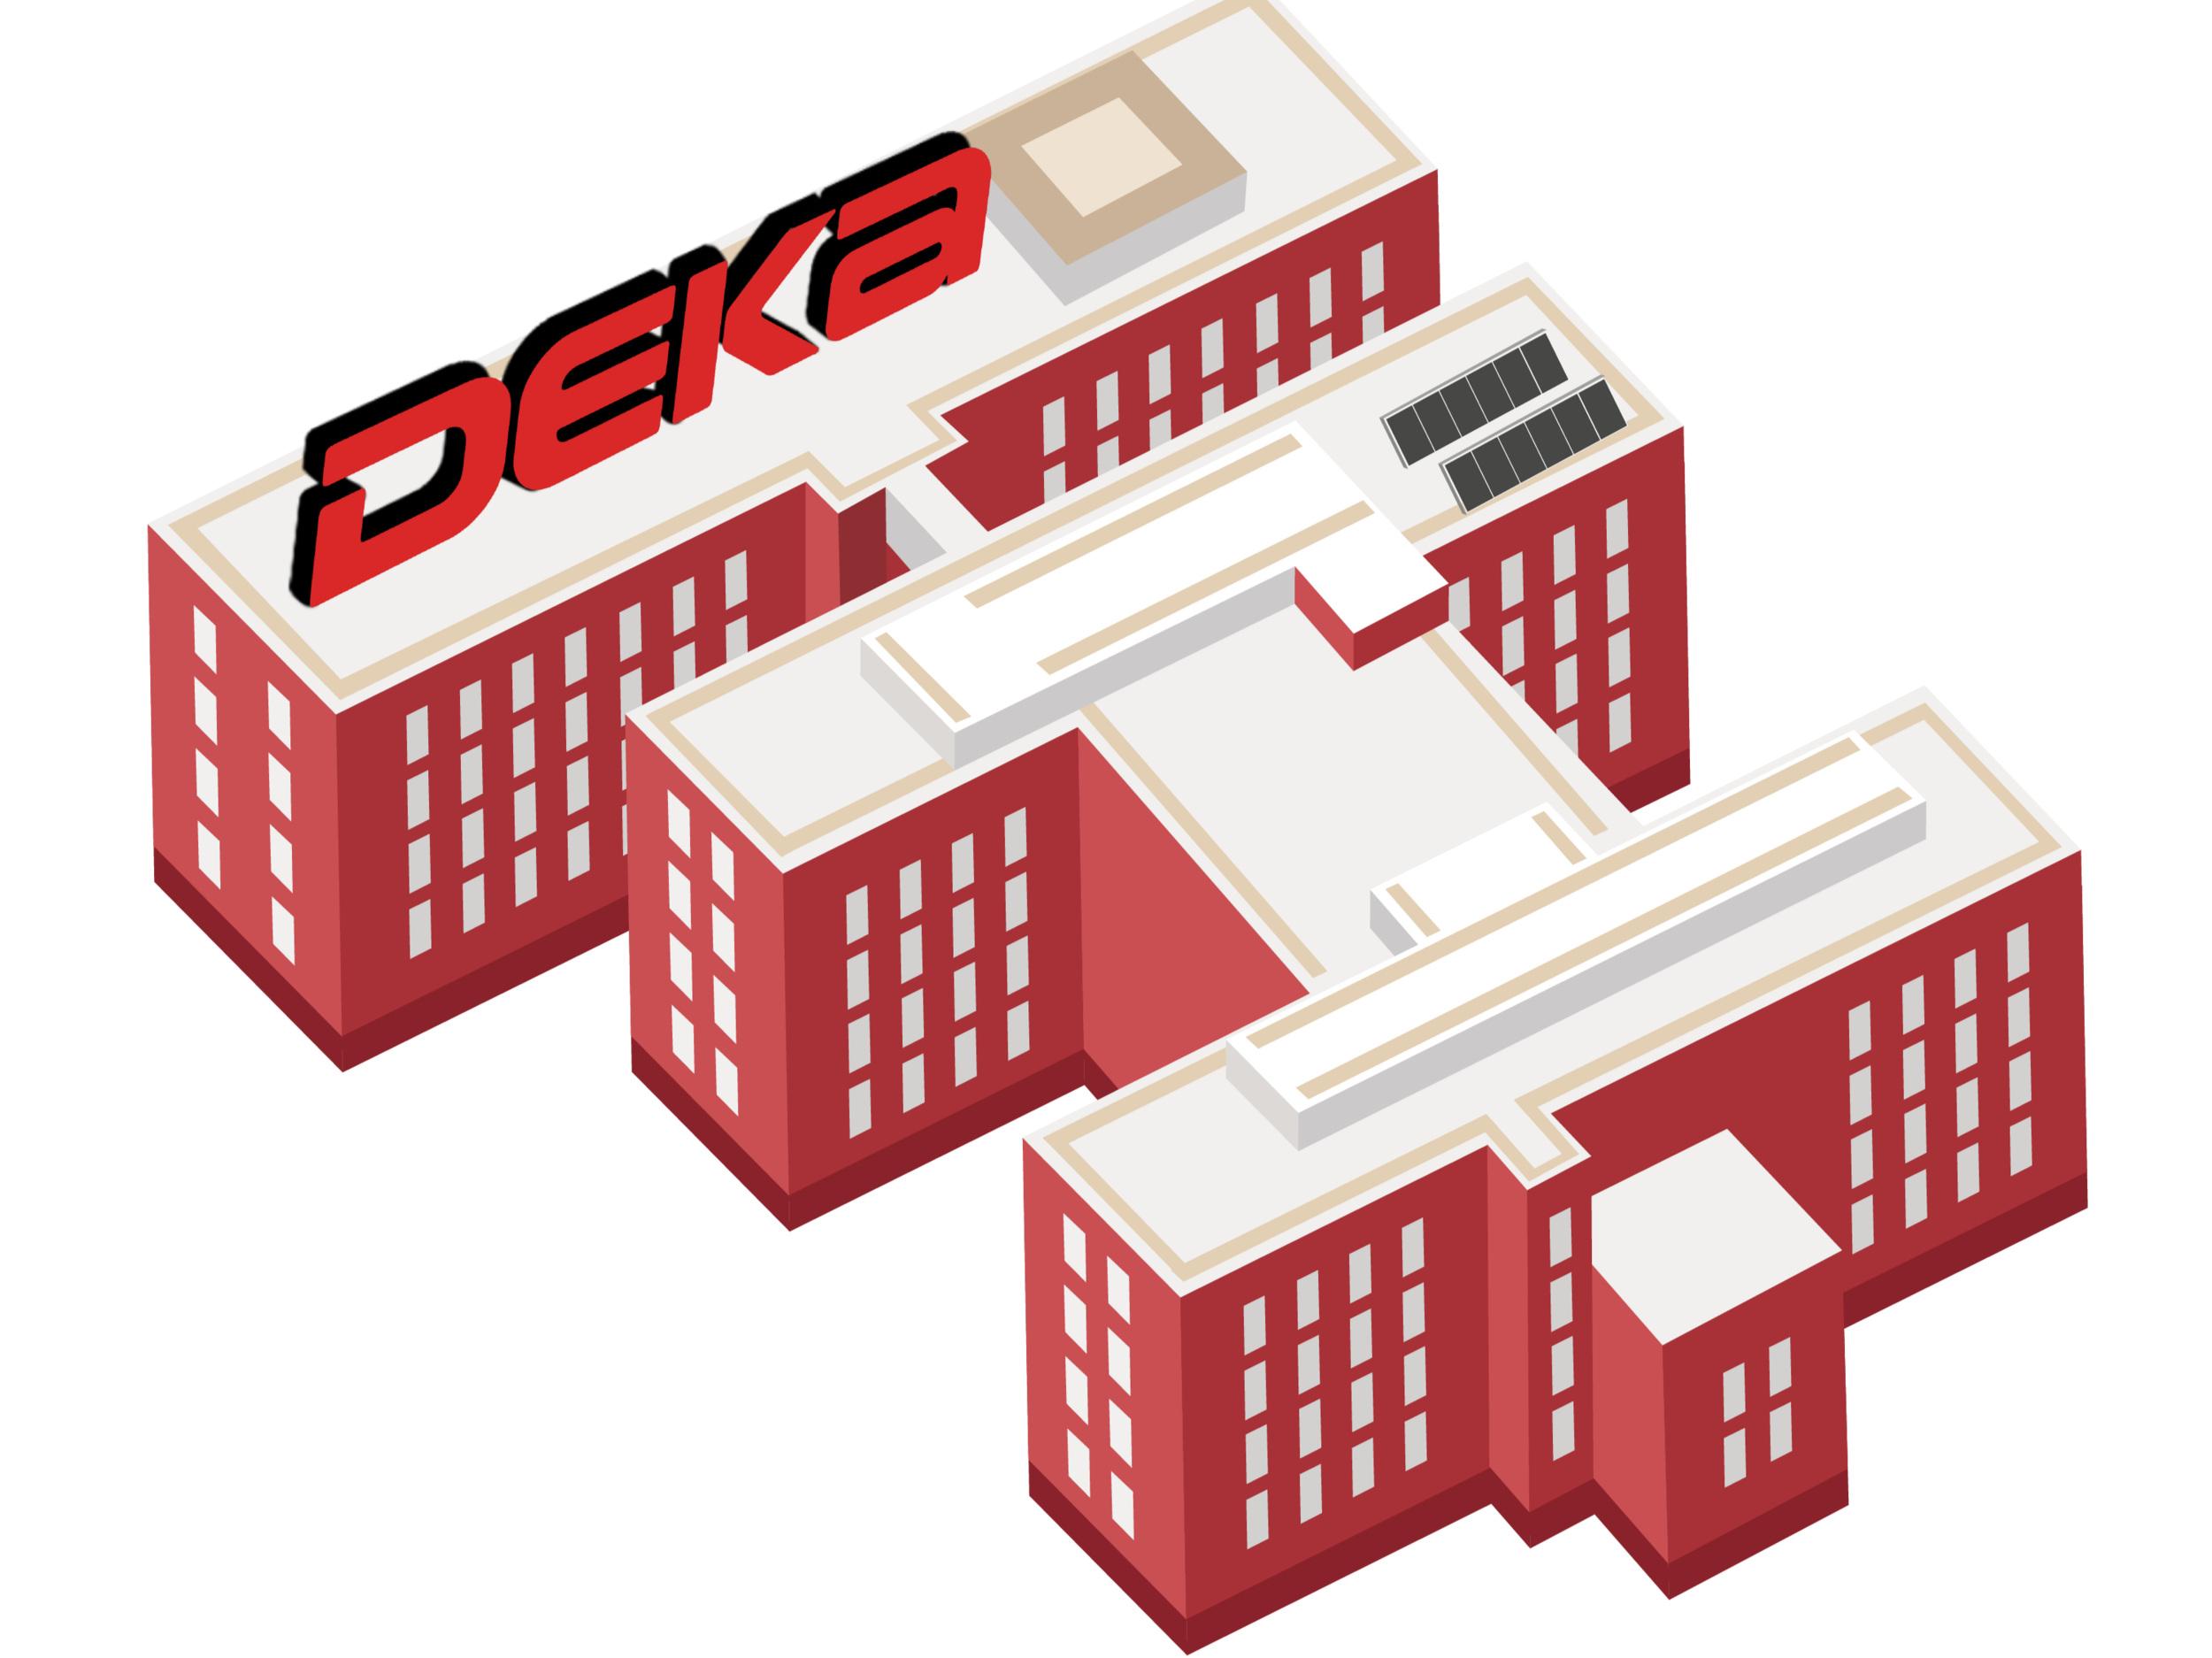 deka-01.png